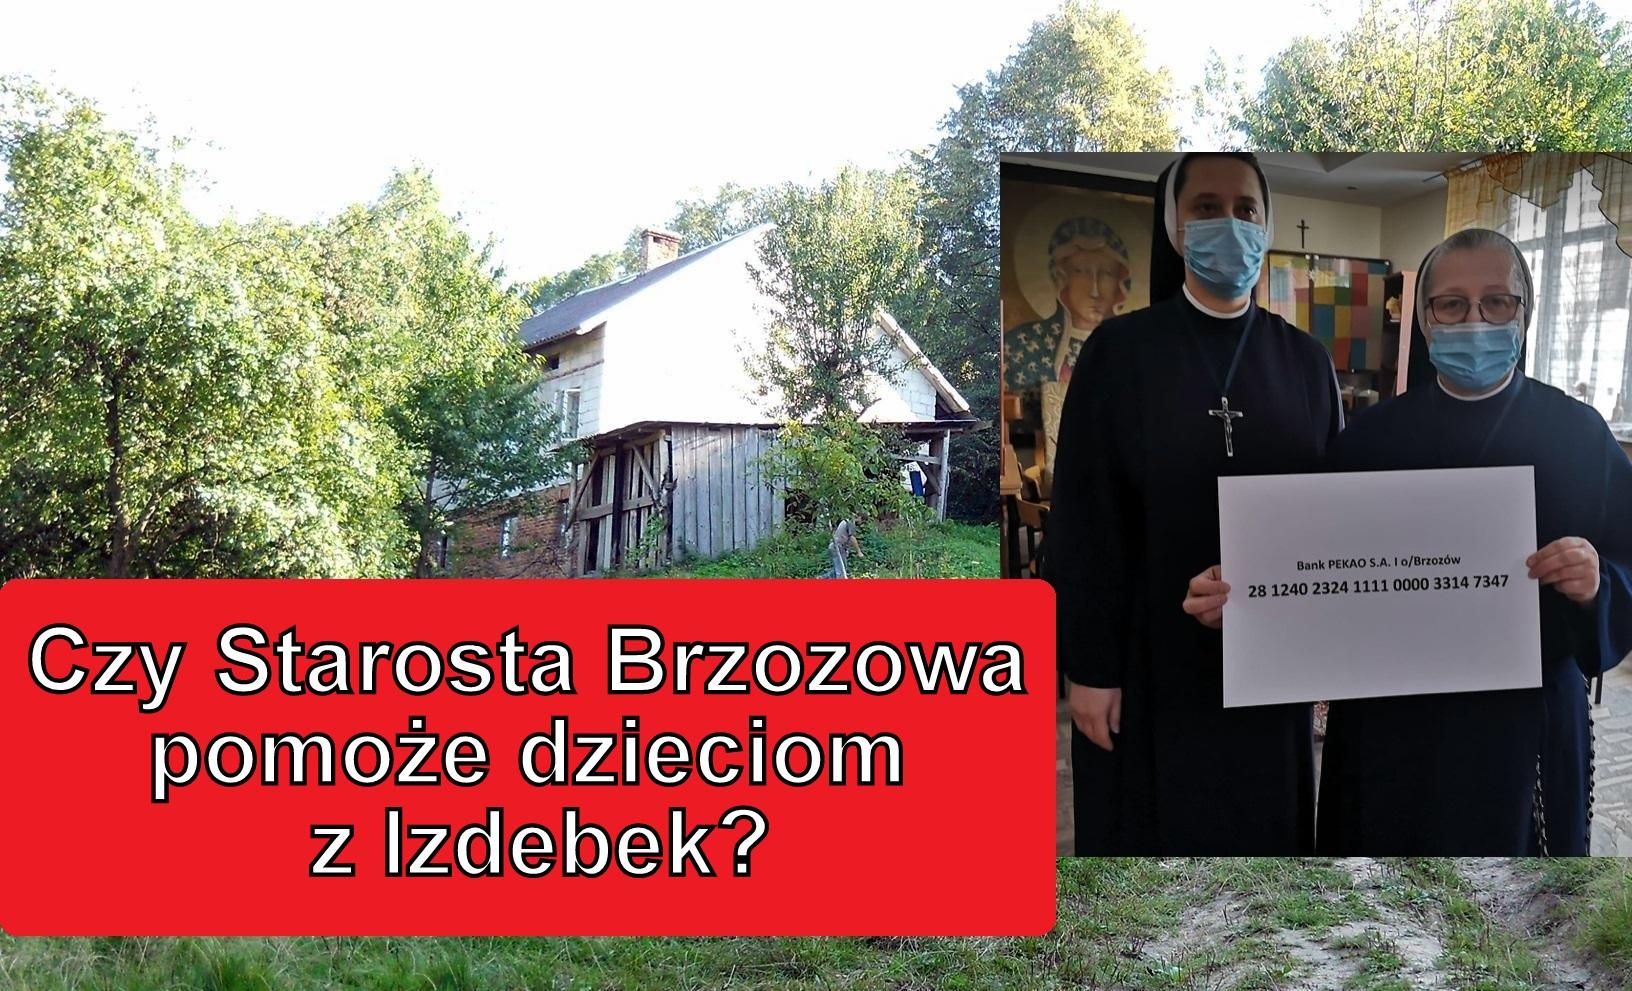 Czy Starosta Brzozowa pomoże odzyskać pieniądze dzieciom z Izdebek? - Zdjęcie główne